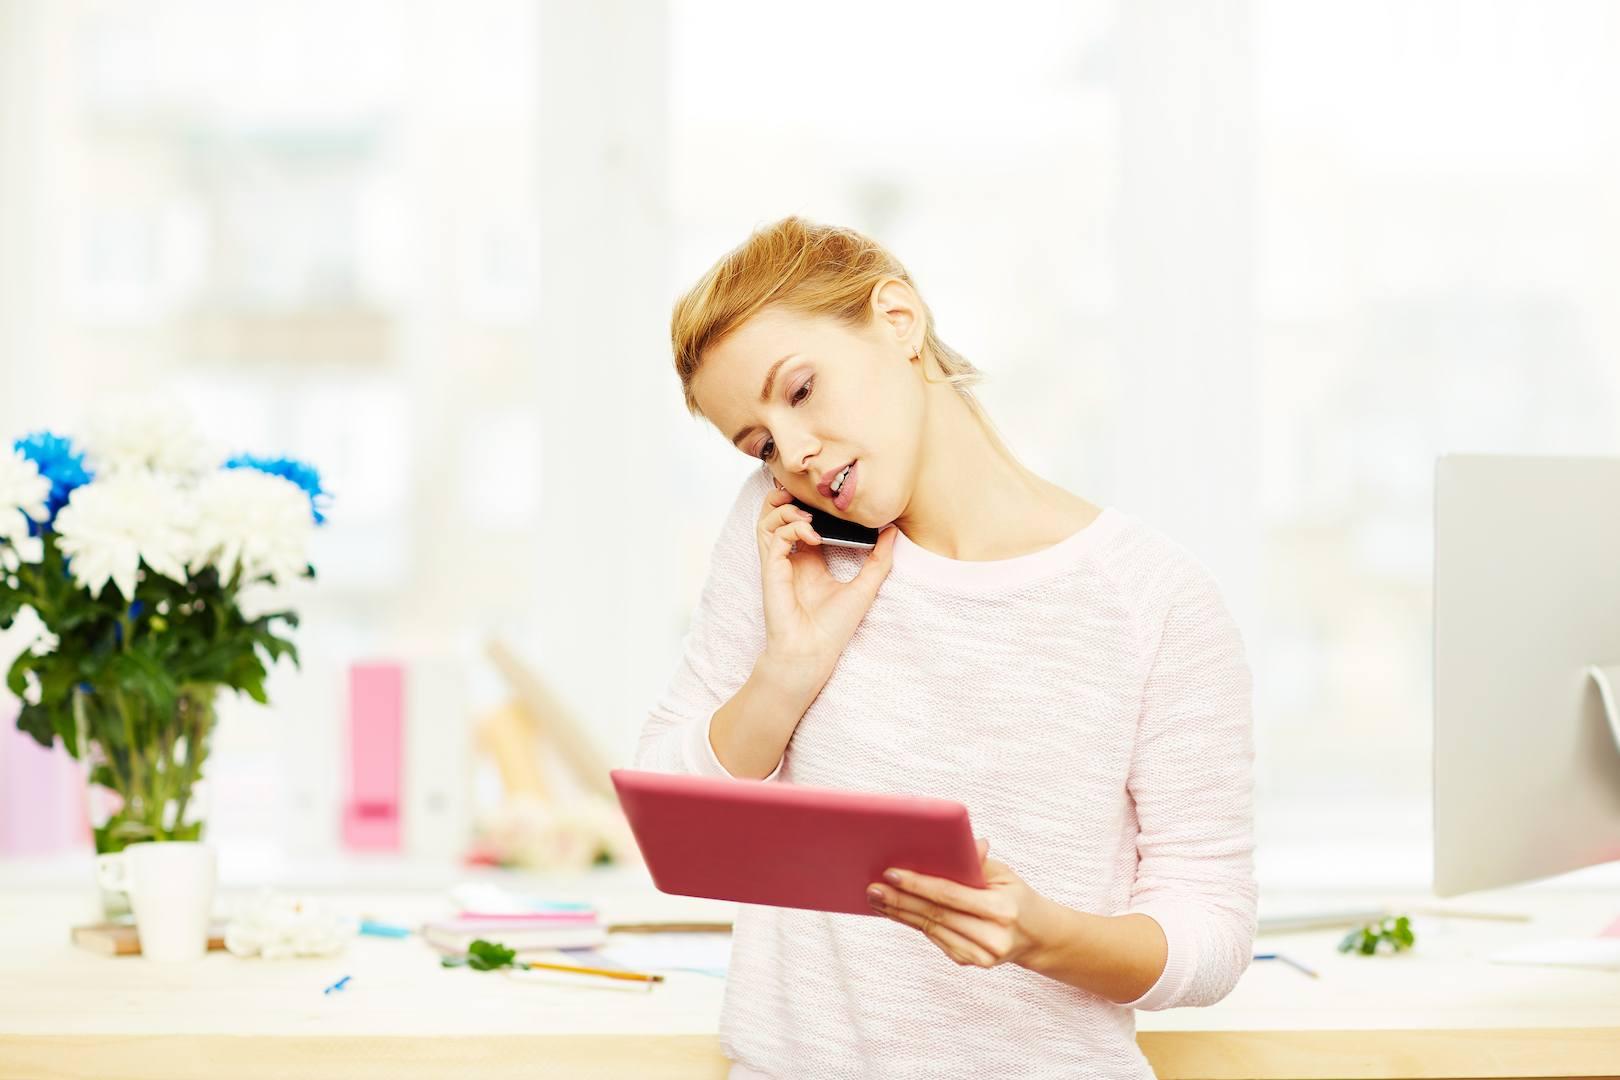 O atendimento ao cliente é muito importante para as empresas